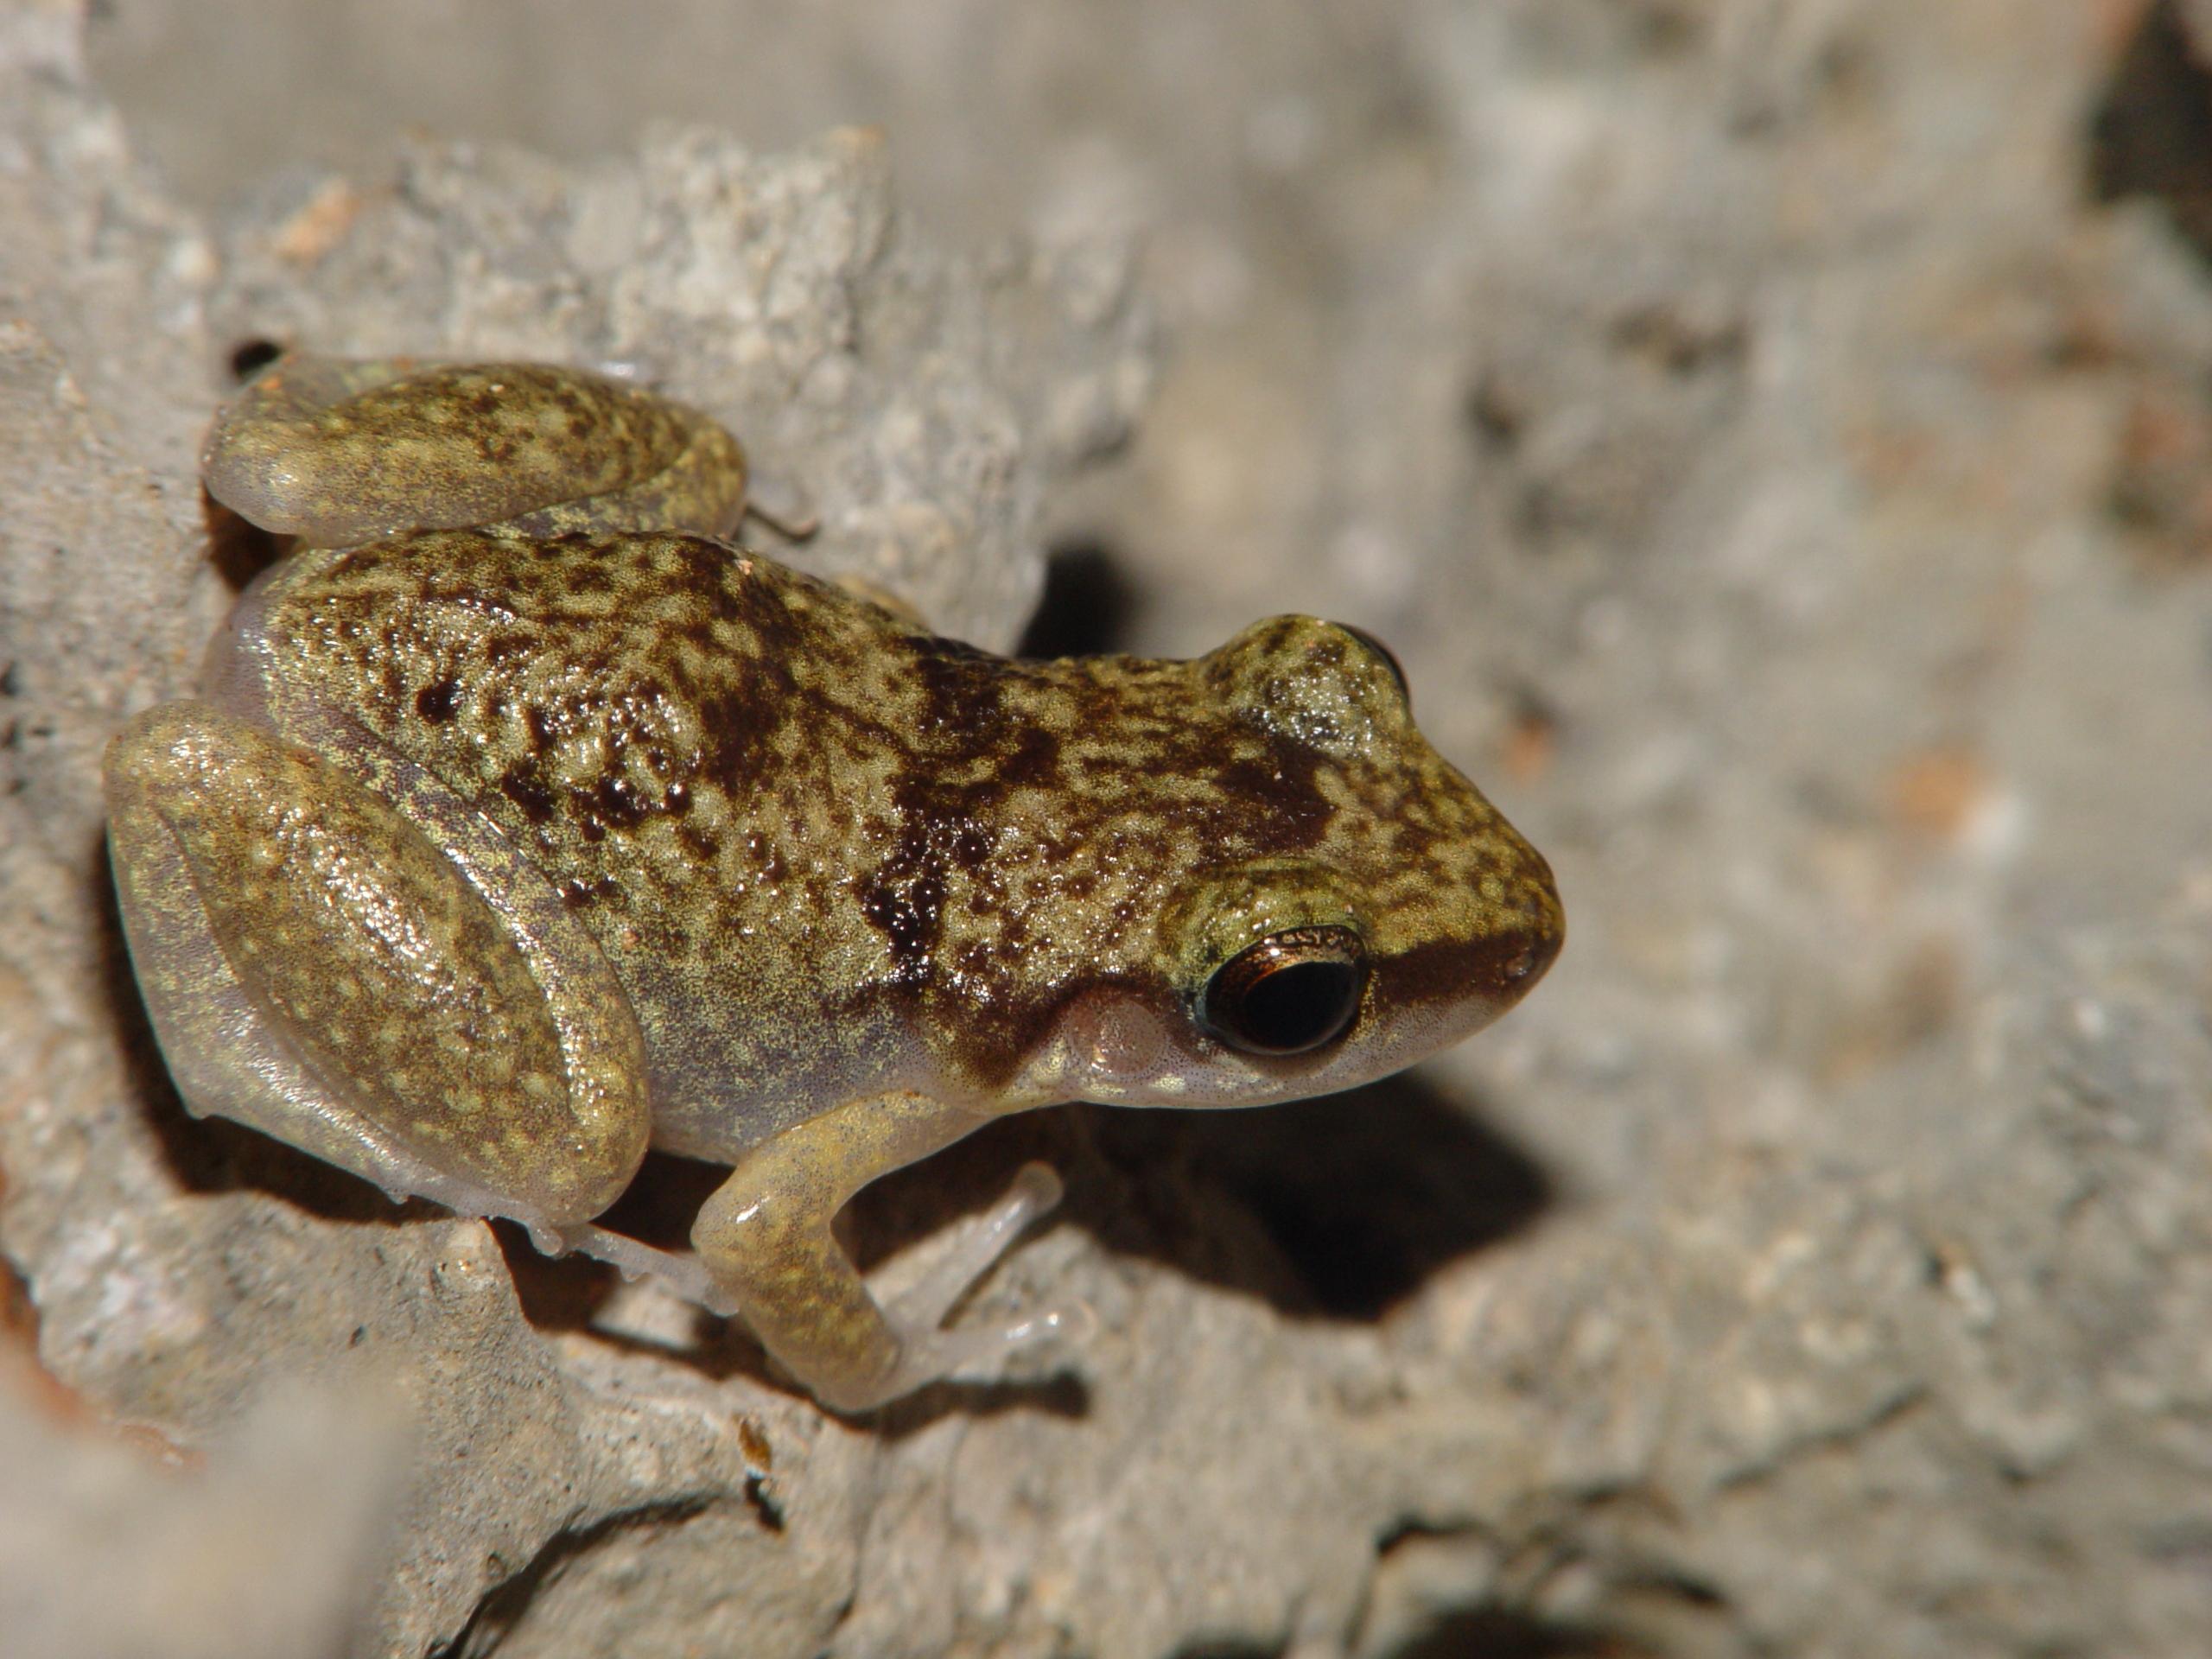 Etheridge's robber frog (Eleutherodactylus etheridgei)